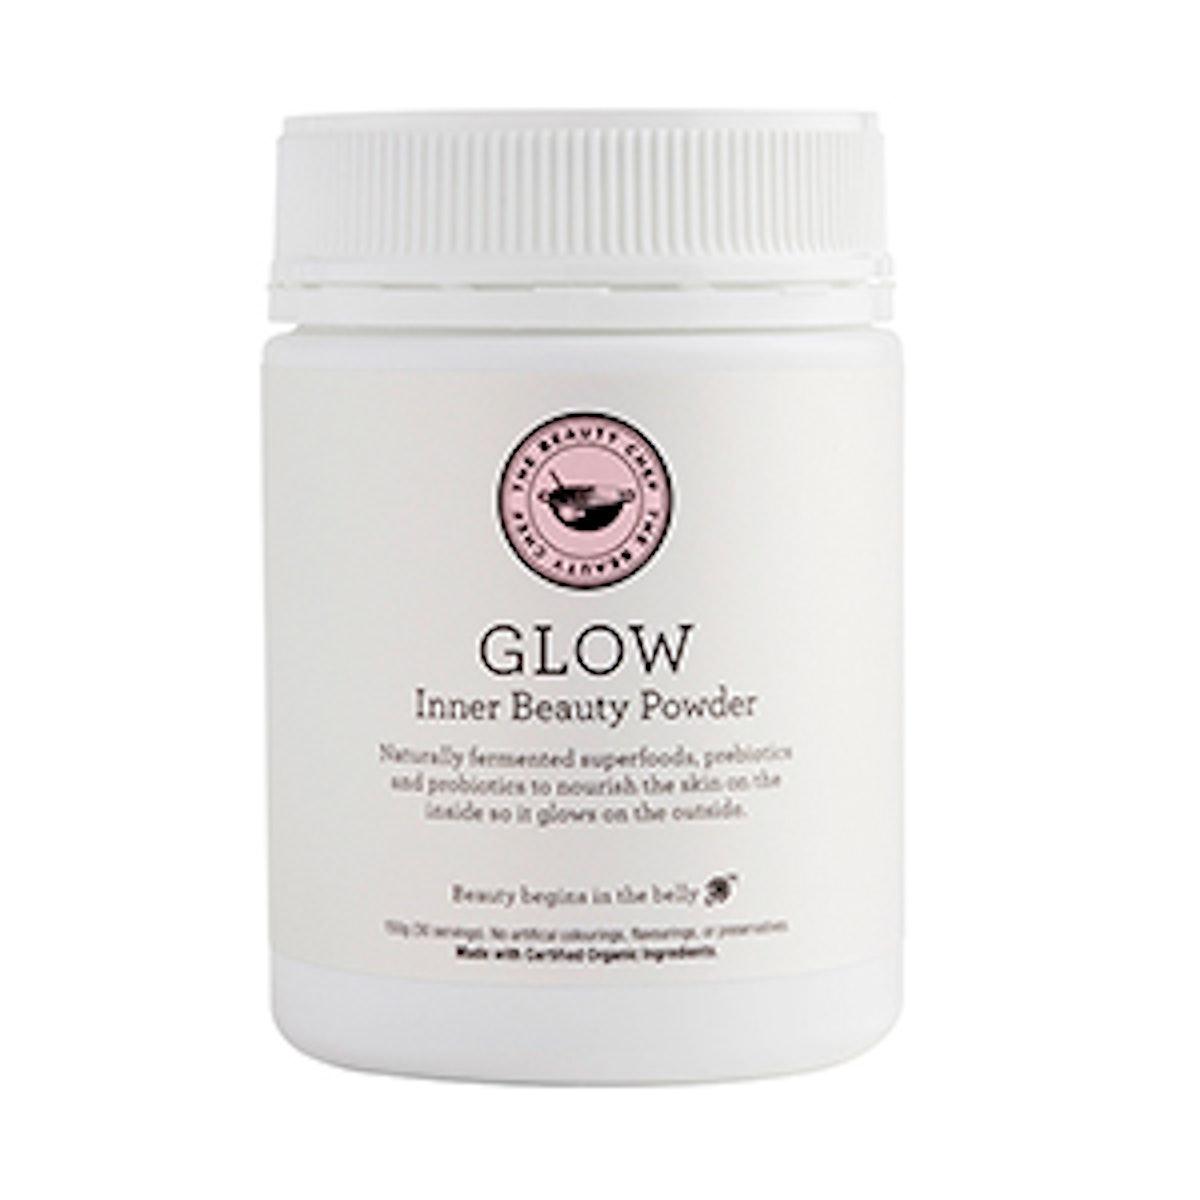 Glow Inner Beauty Powder